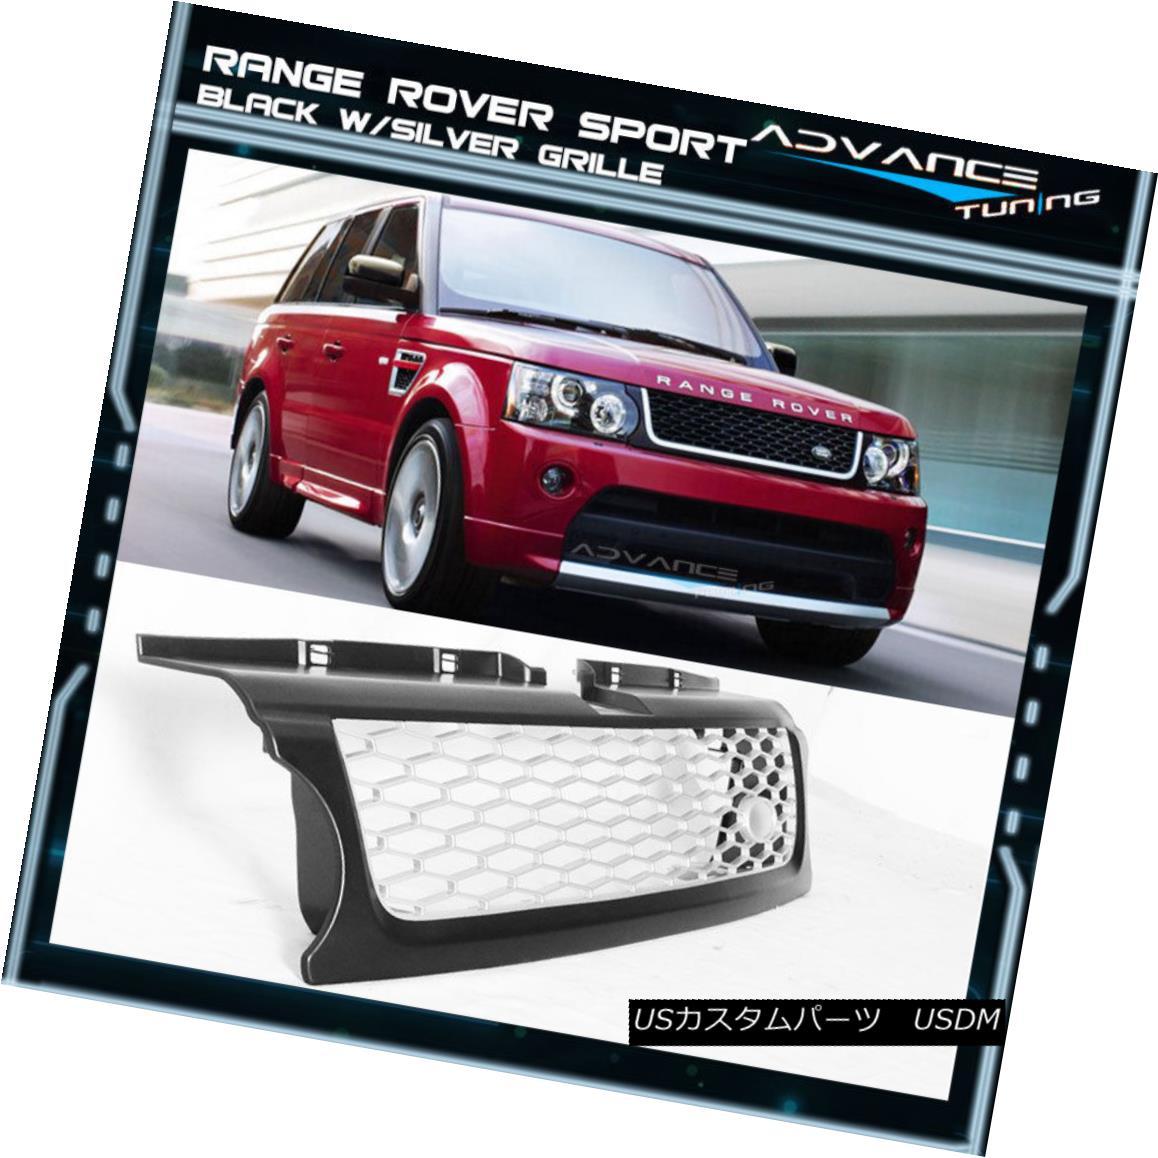 グリル For 10-13 Land Rover Range Sport L320 3D Honey ABS Front Grille Black Silver 10-13ランドローバーレンジスポーツL320 3DハニーABSフロントグリルブラックシルバー